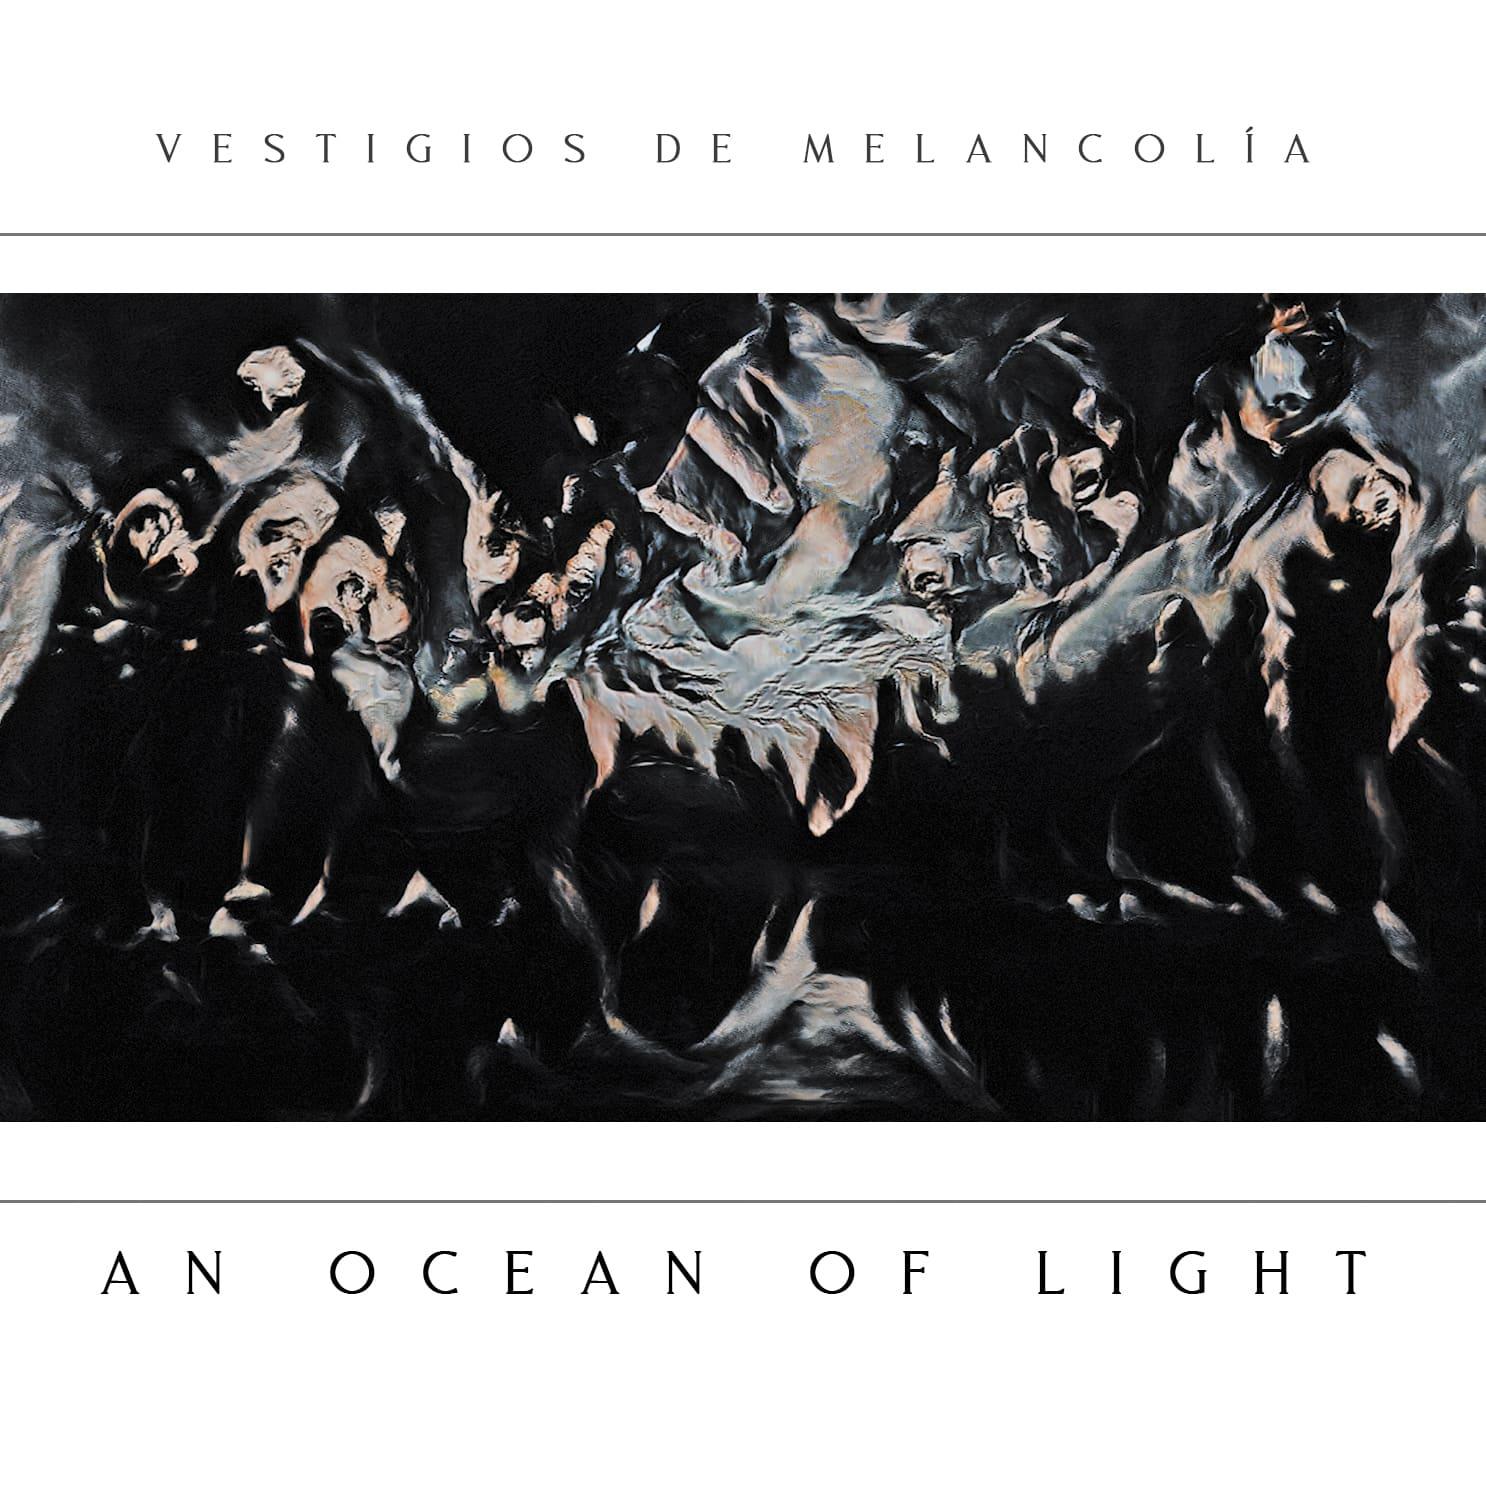 An Ocean of Light - Vestigios de Melancolía